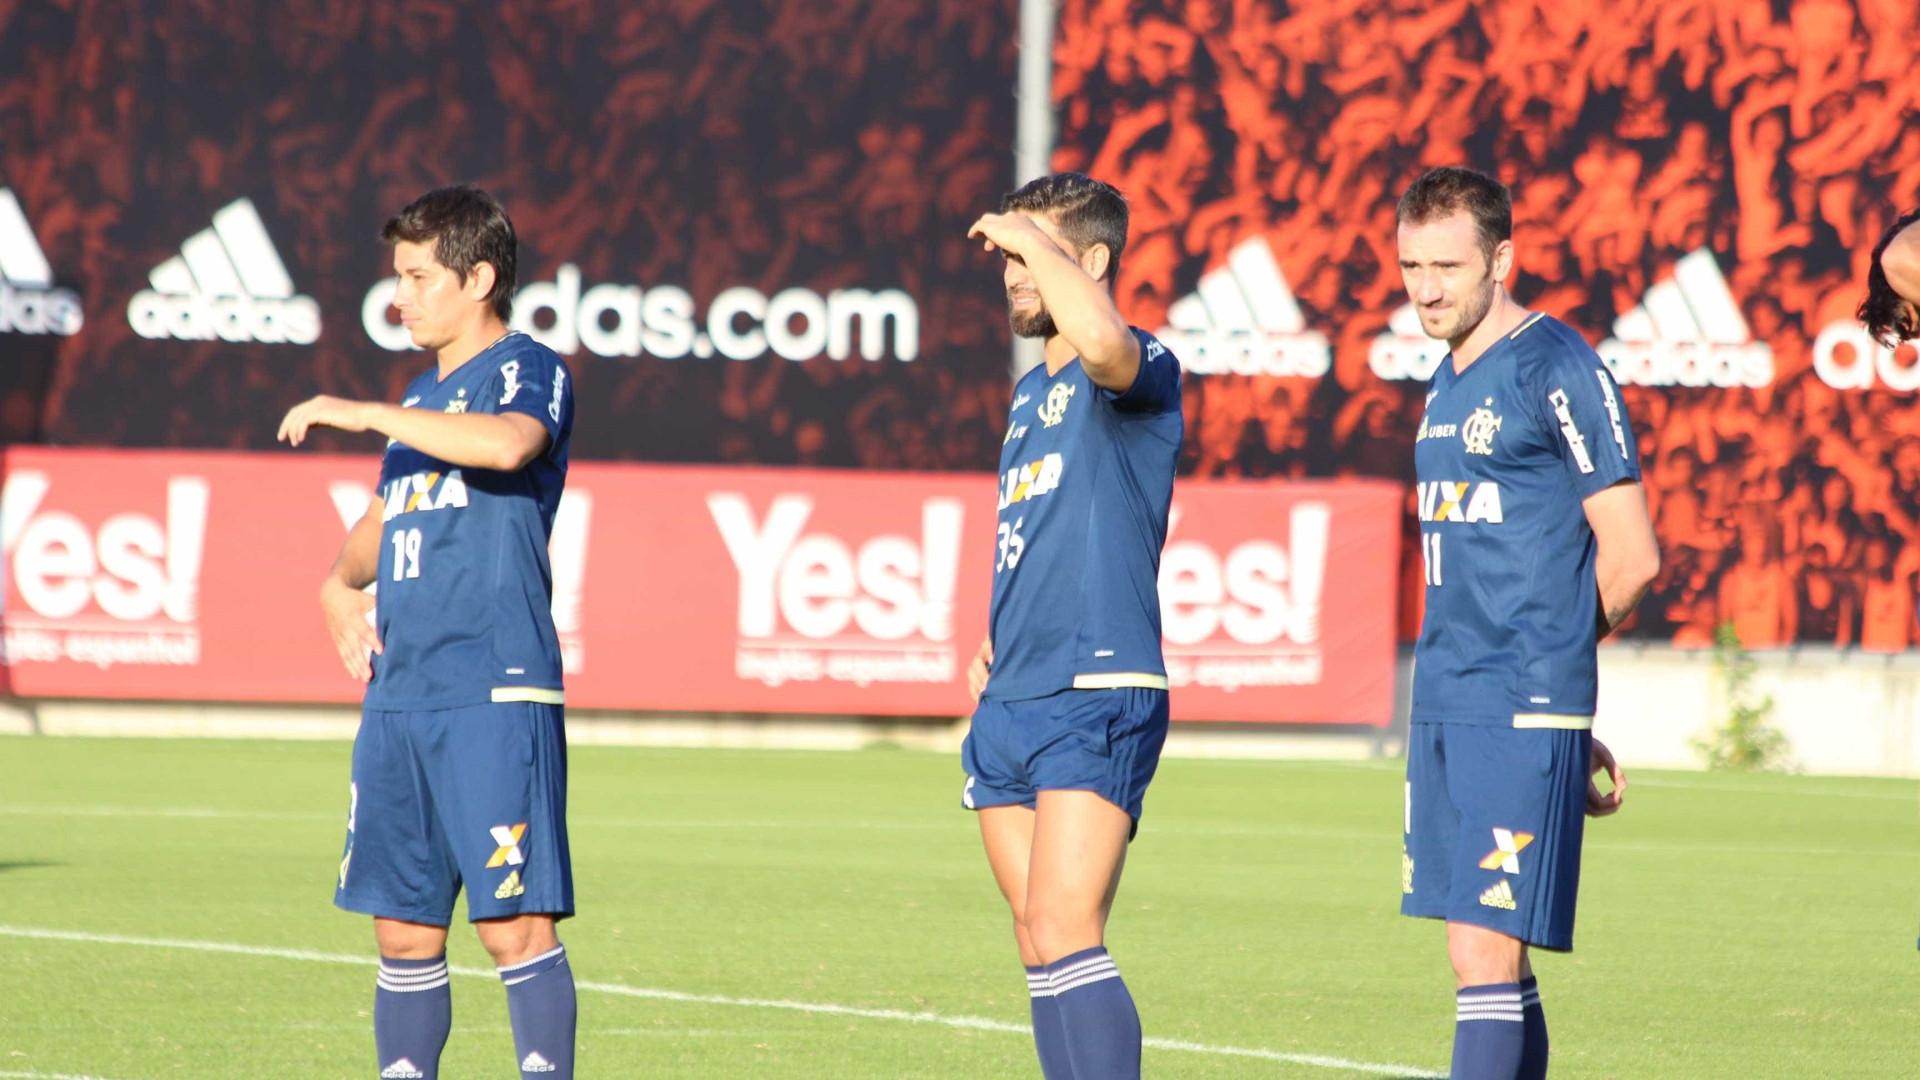 Diego e Conca podem ser testados pelo Flamengo em jogo-treino